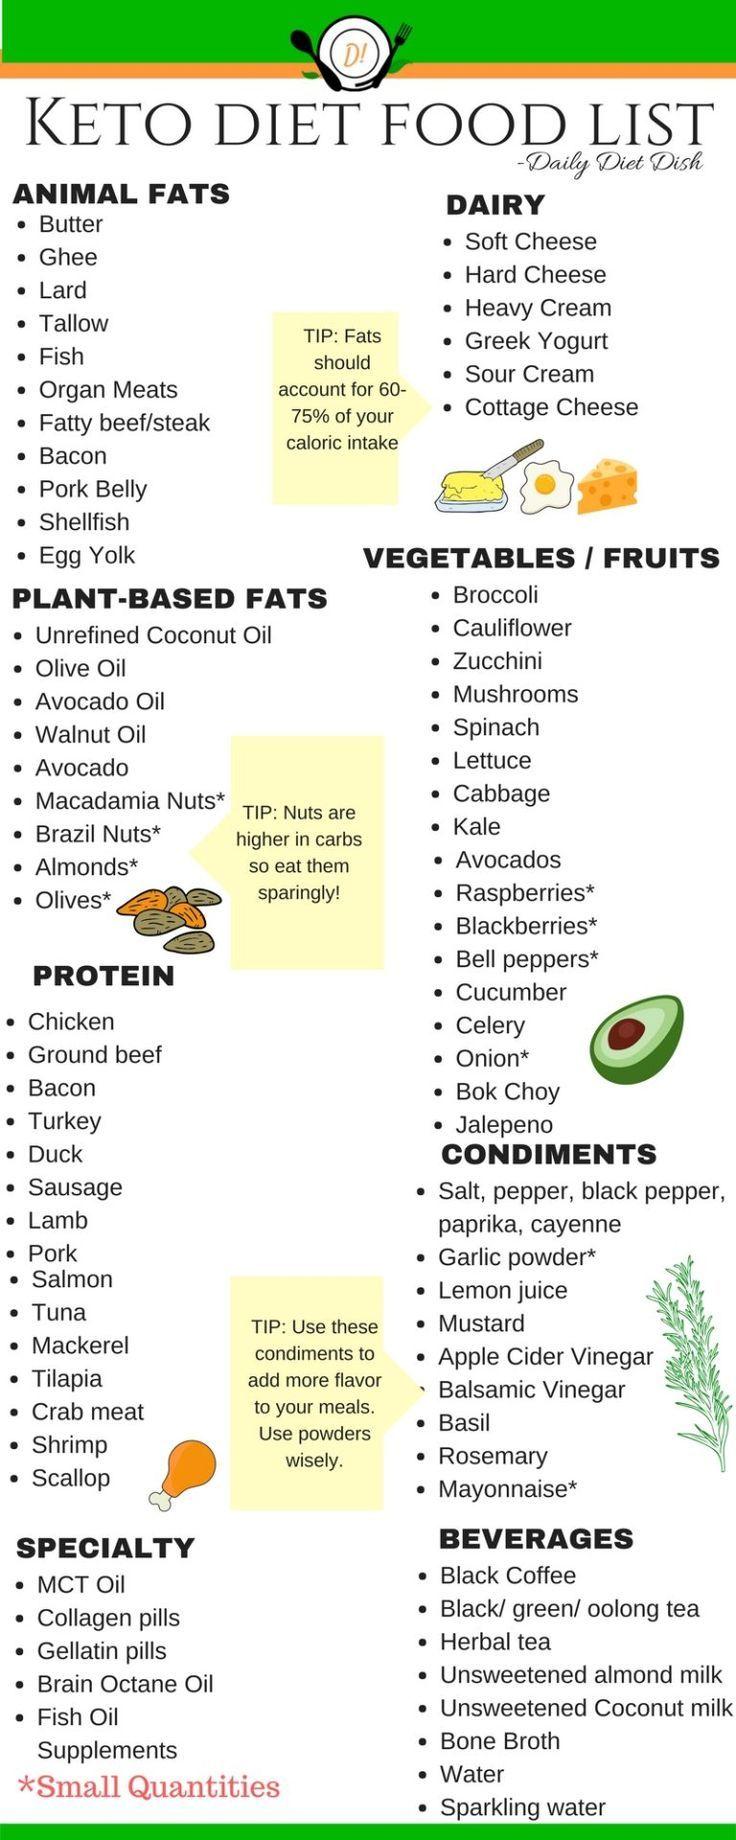 101 Keto Diet Foods Low Carb Foods List Printable Keto